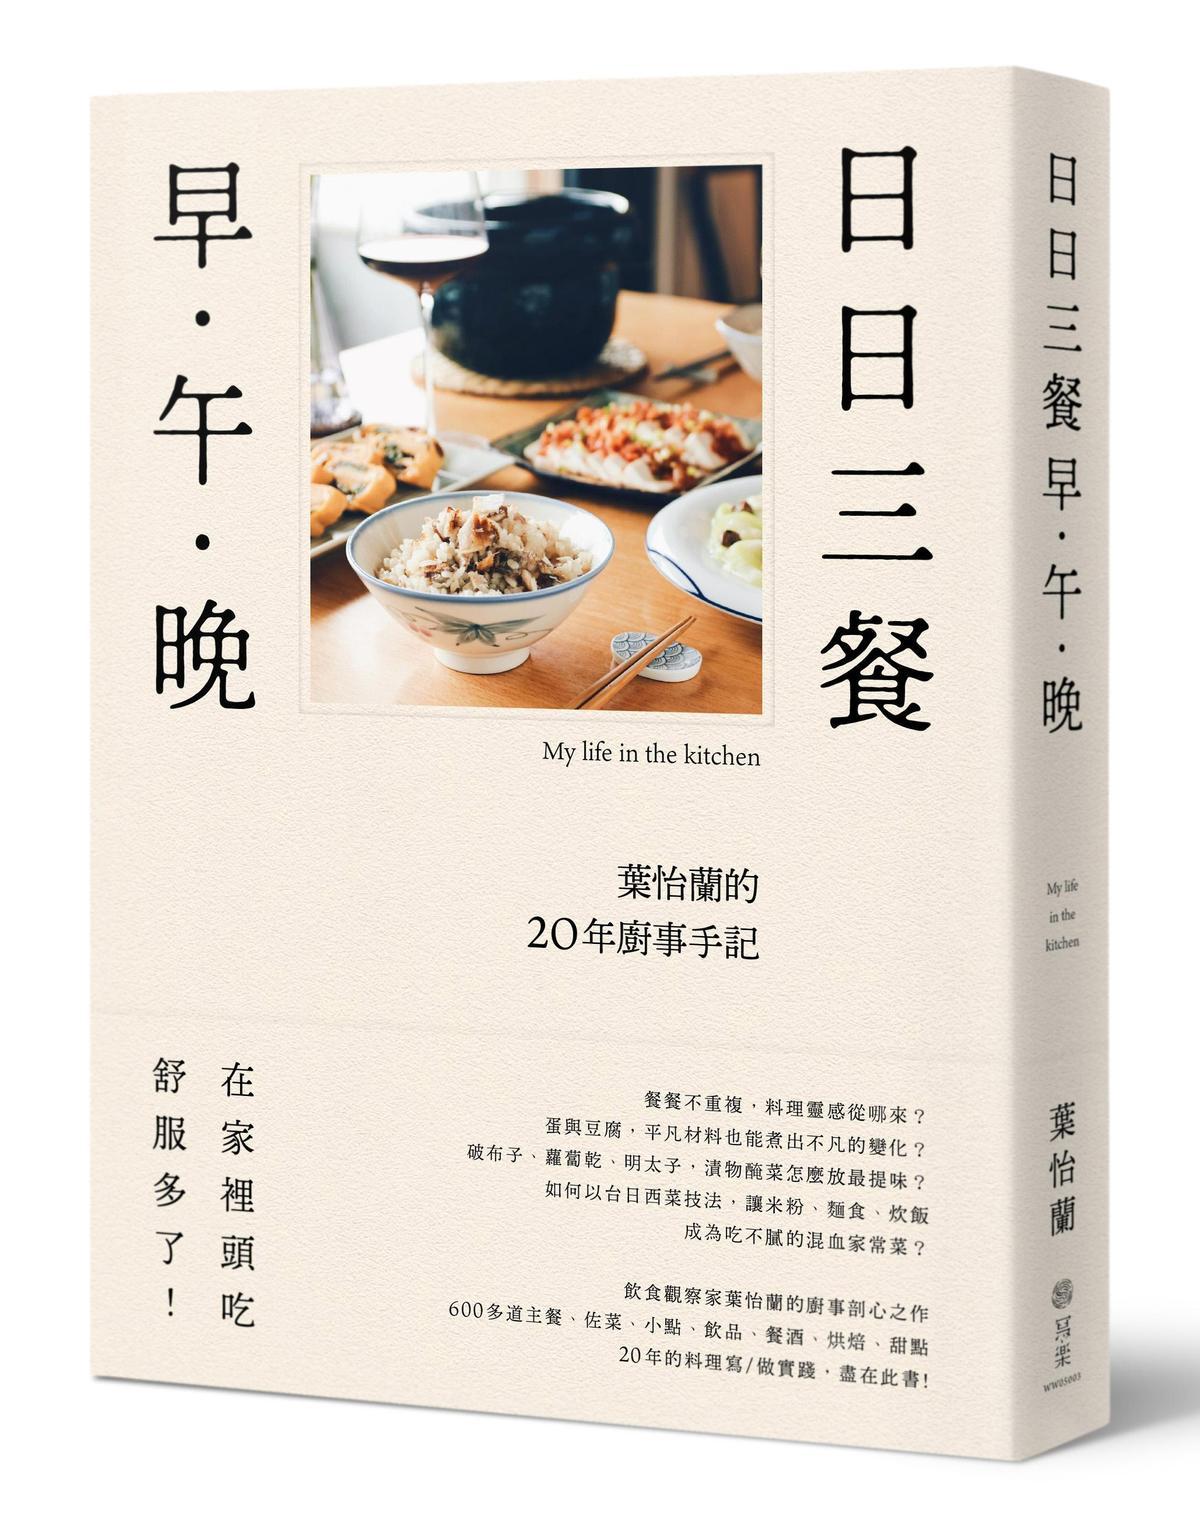 葉怡蘭新書《日日三餐,早‧午‧晚:葉怡蘭的20年廚事手記》,是她多本著作中首度發表家庭料理的食譜書。(寫樂文化提供)